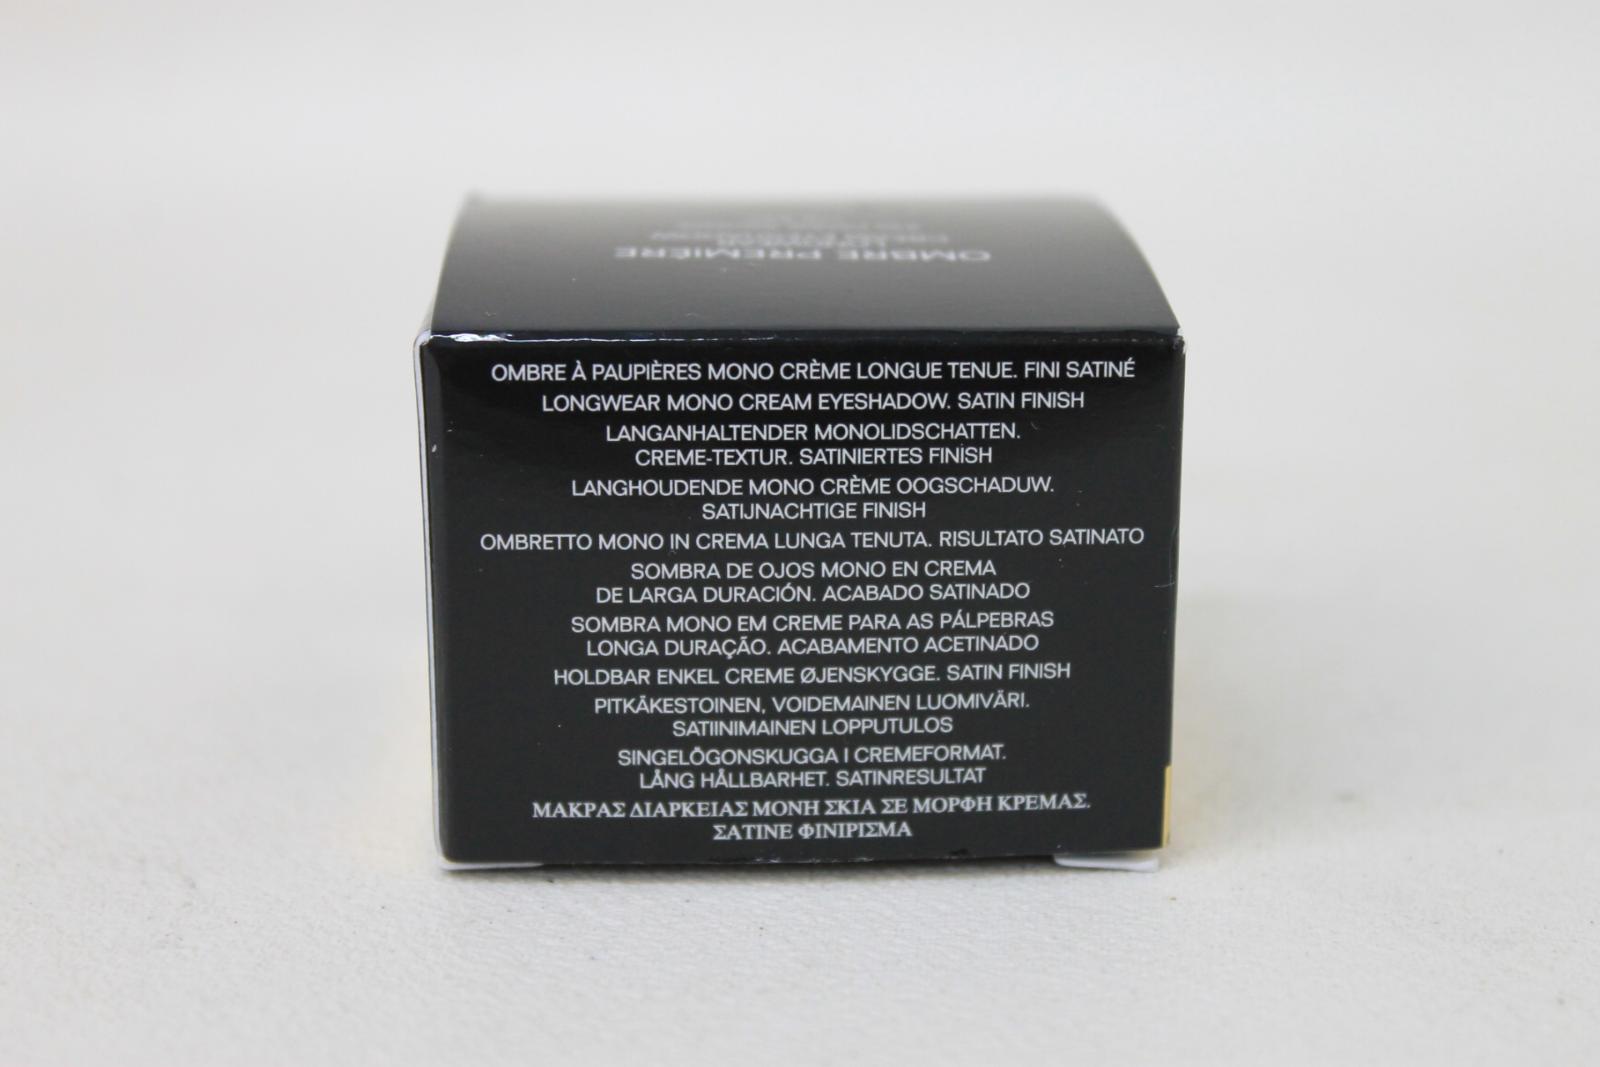 Nuevo-Y-En-Caja-Chanel-Damas-Ombre-Premiere-Longwear-Crema-Sombra-de-Ojos-840-Patine-Bronce miniatura 7